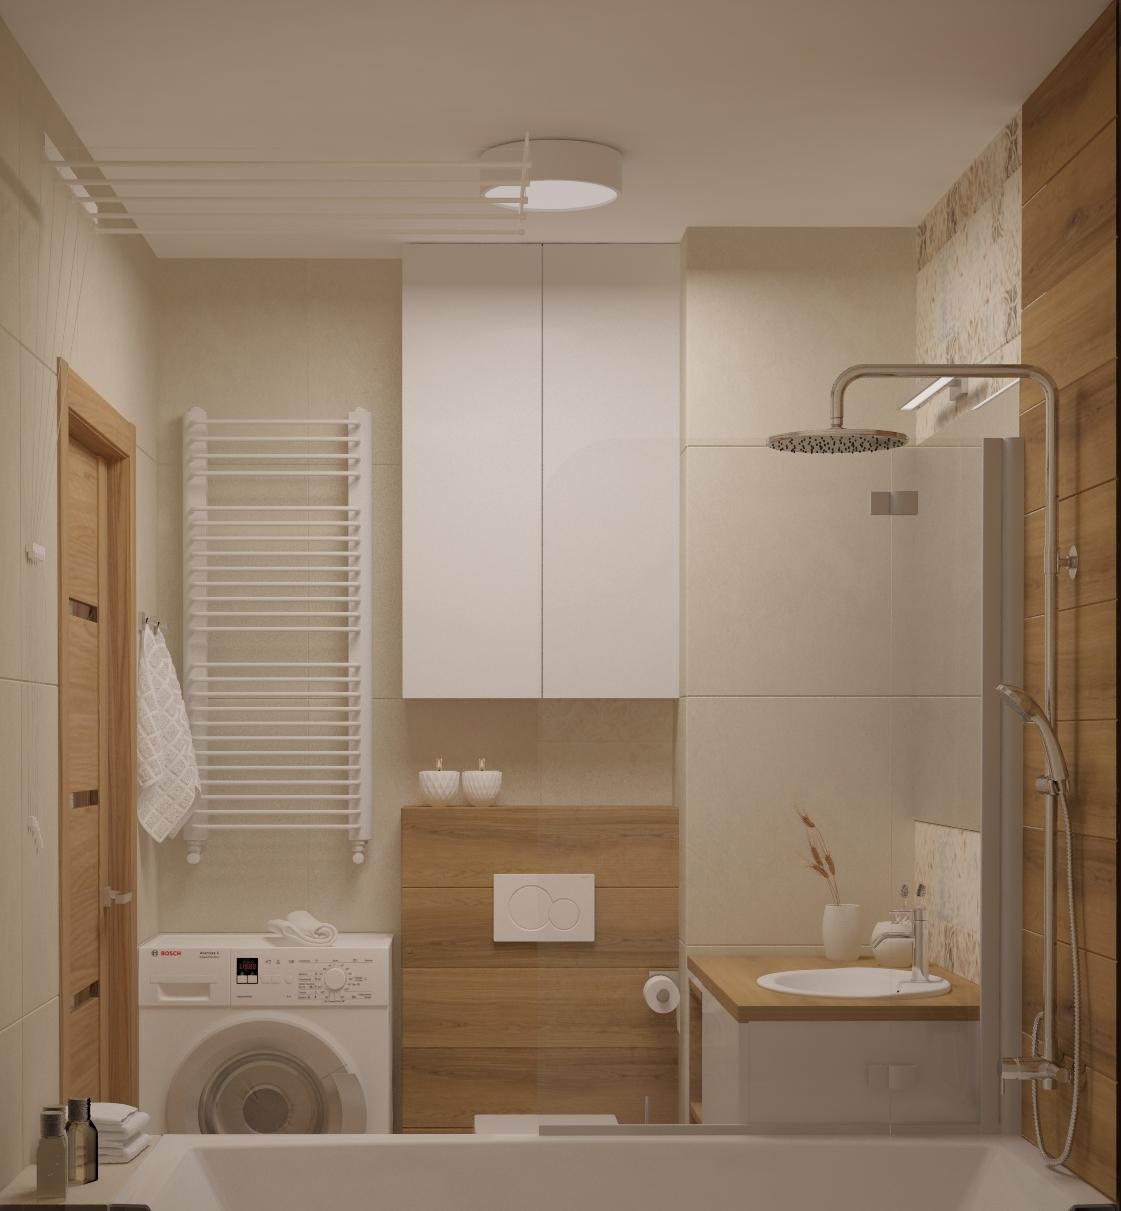 Łazienka pod klucz. Projekt łazienki SaniWell